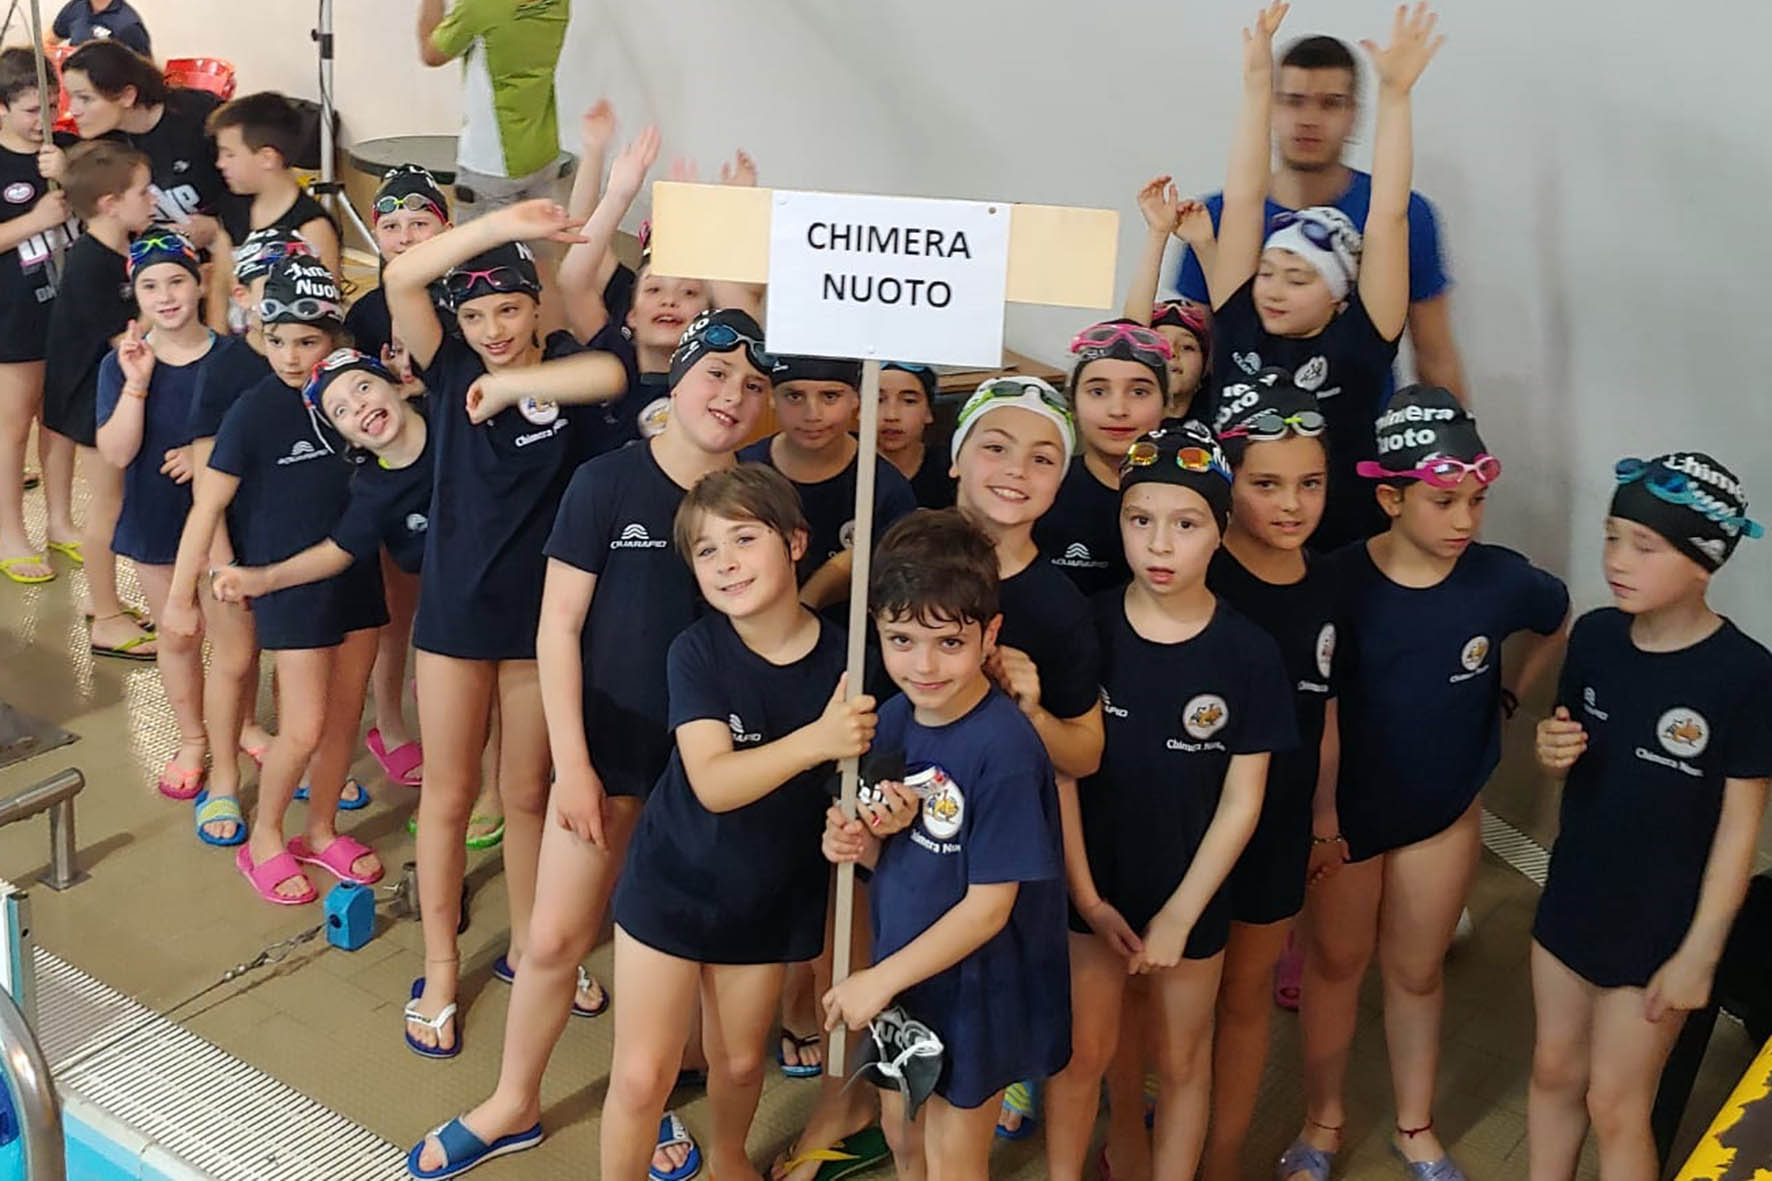 2600b34805ab La Chimera Nuoto vince otto titoli regionali nel Propaganda - ArezzoWeb